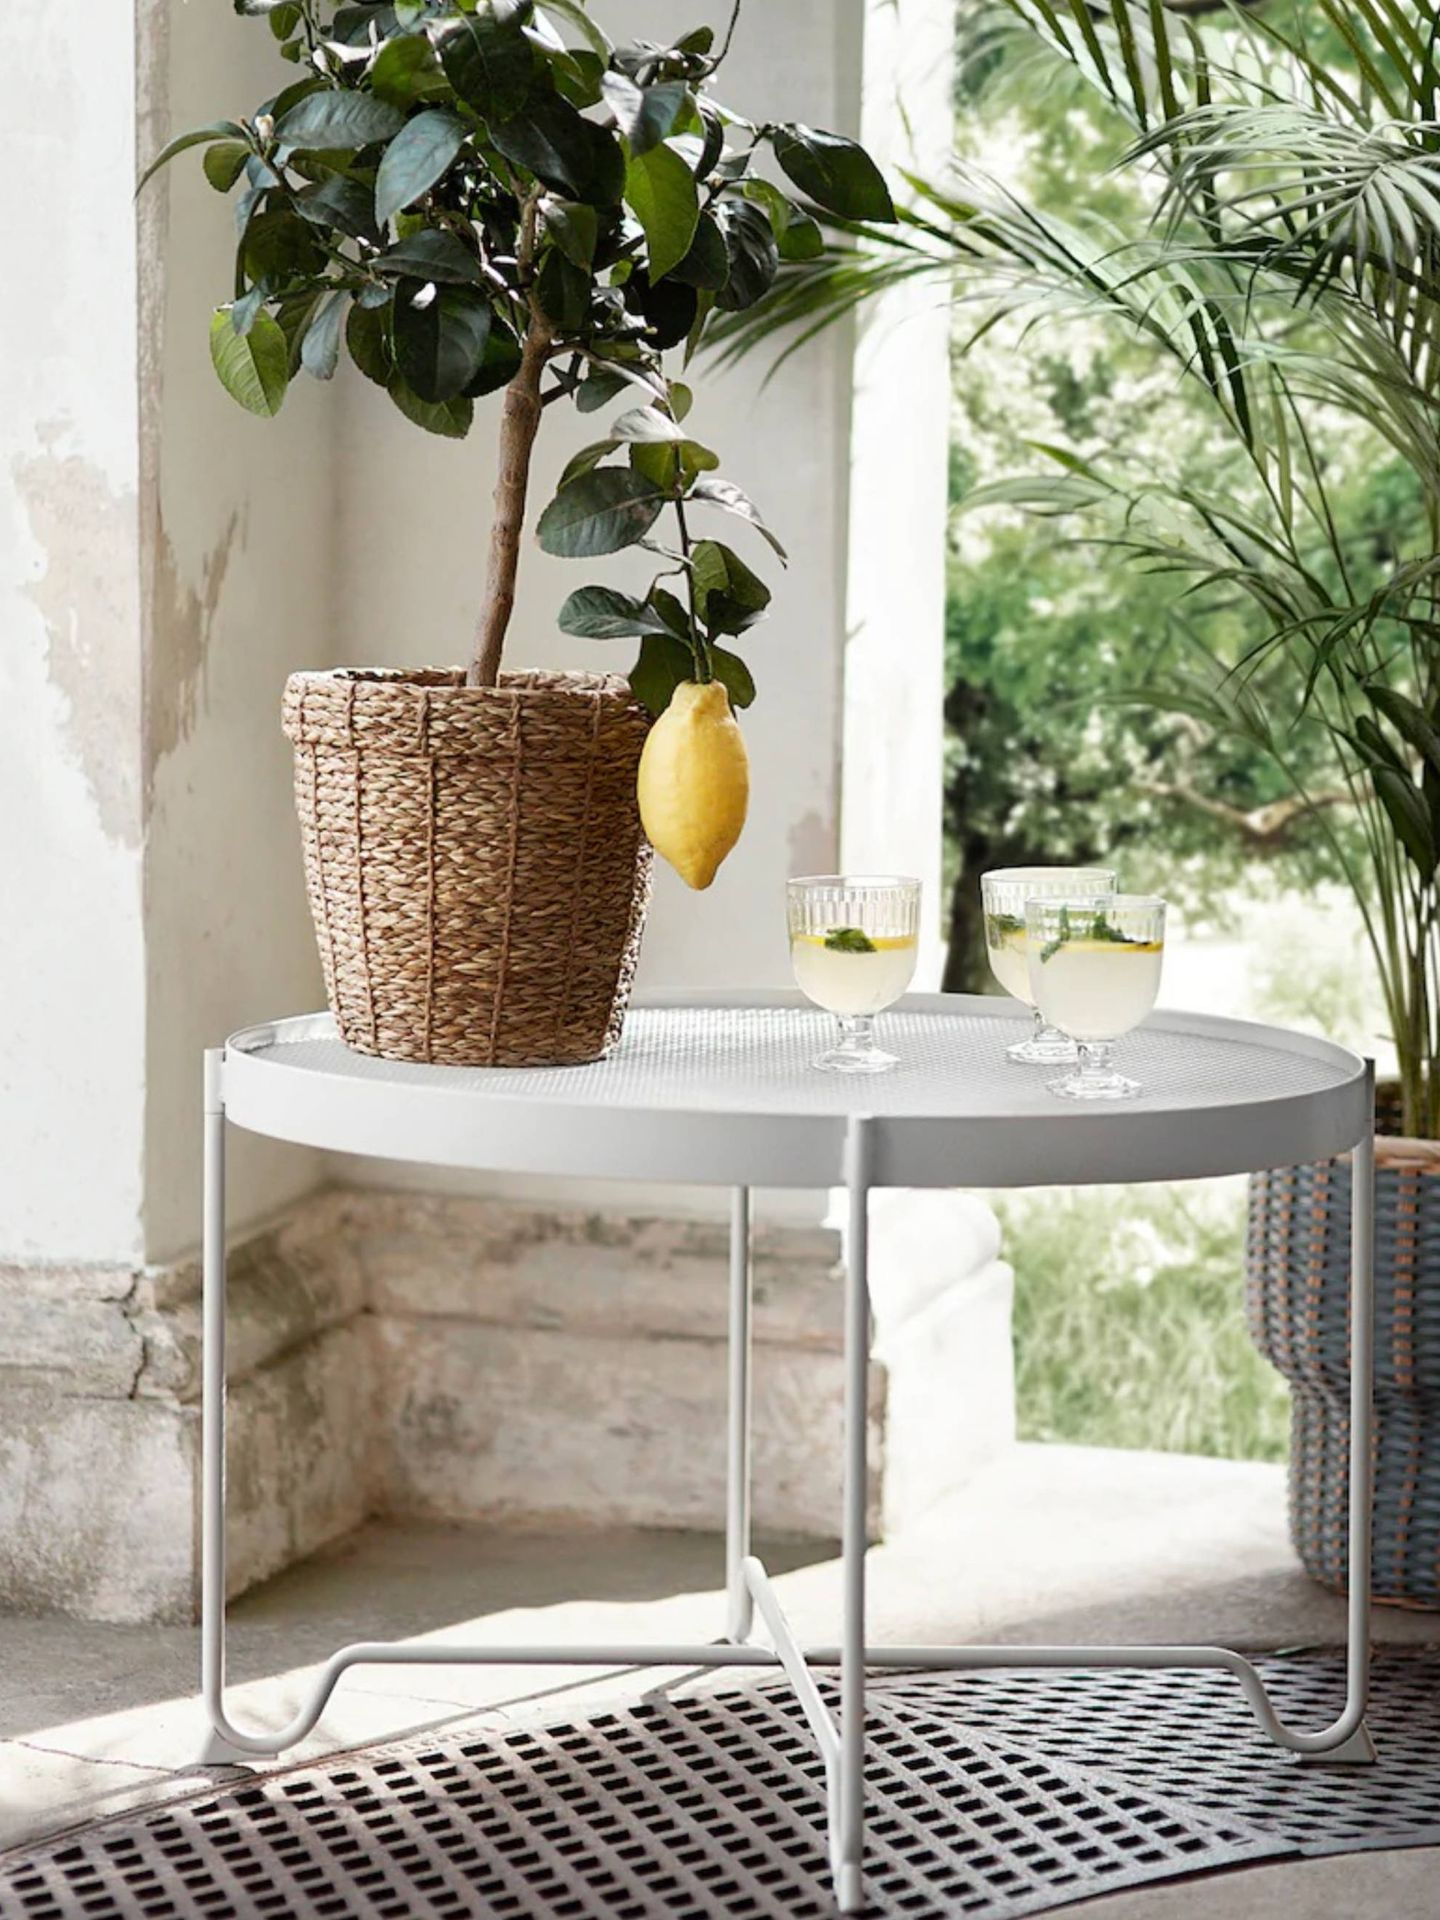 Decora tu jardín con Ikea. (Cortesía)